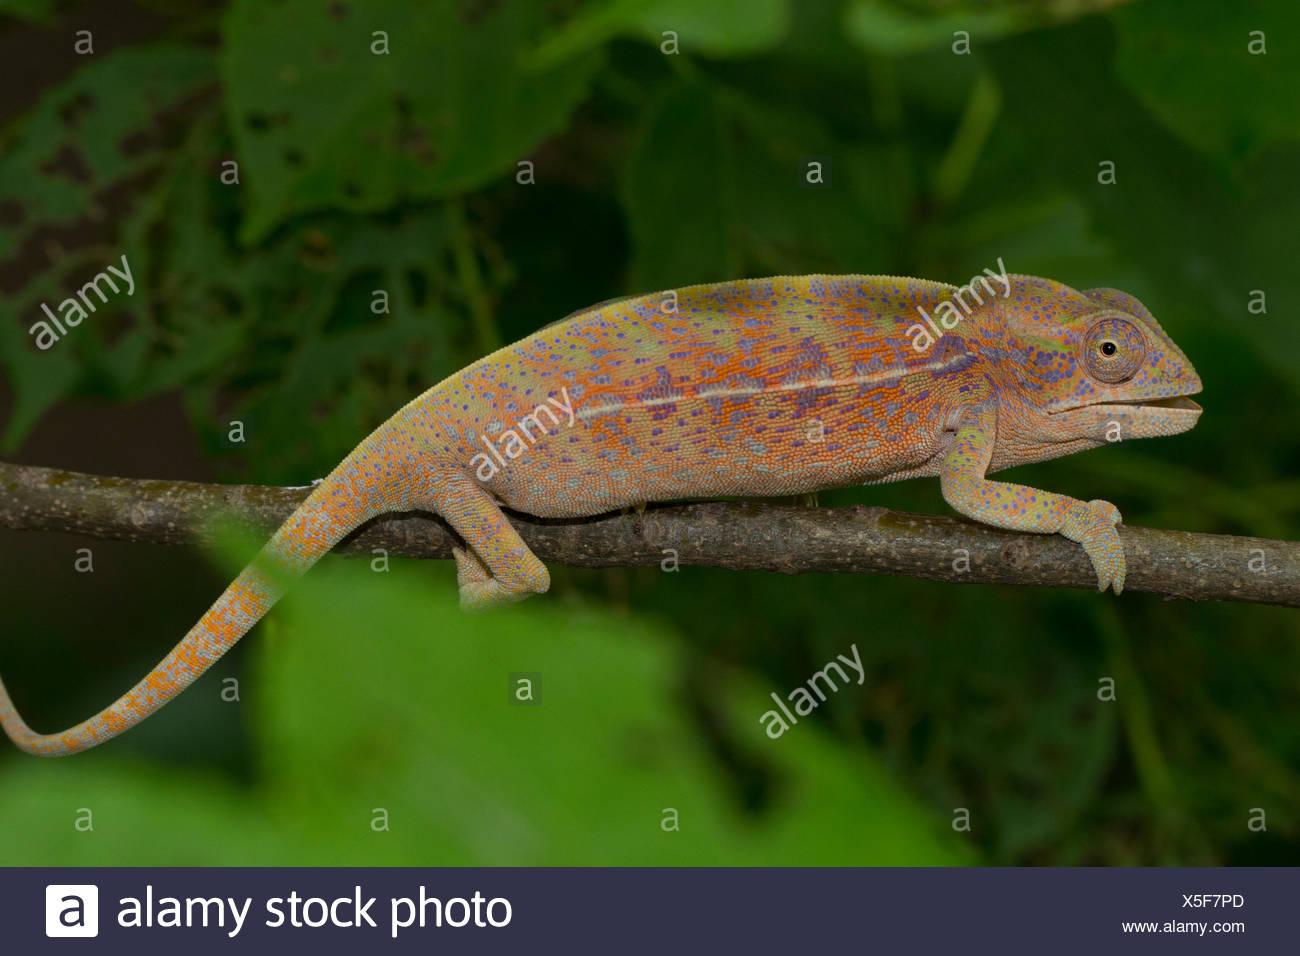 Chameleon (Furcifer major), female, Isalo National Park, Madagascar - Stock Image